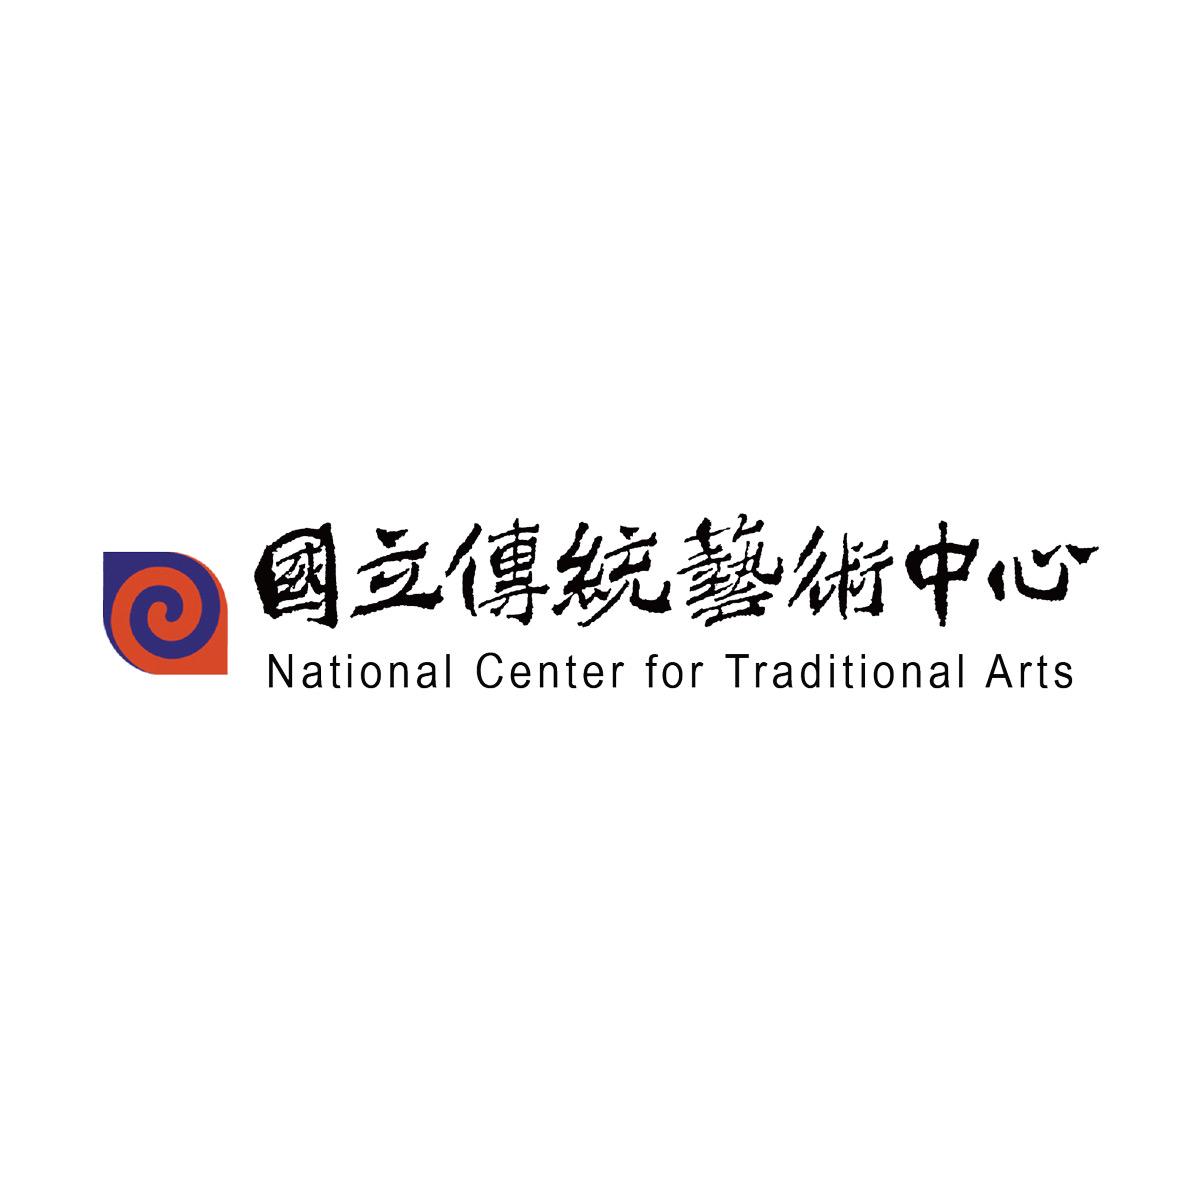 【國立傳統藝術中心110年戲曲夢工場節目徵集計畫 即日起至3/31止】